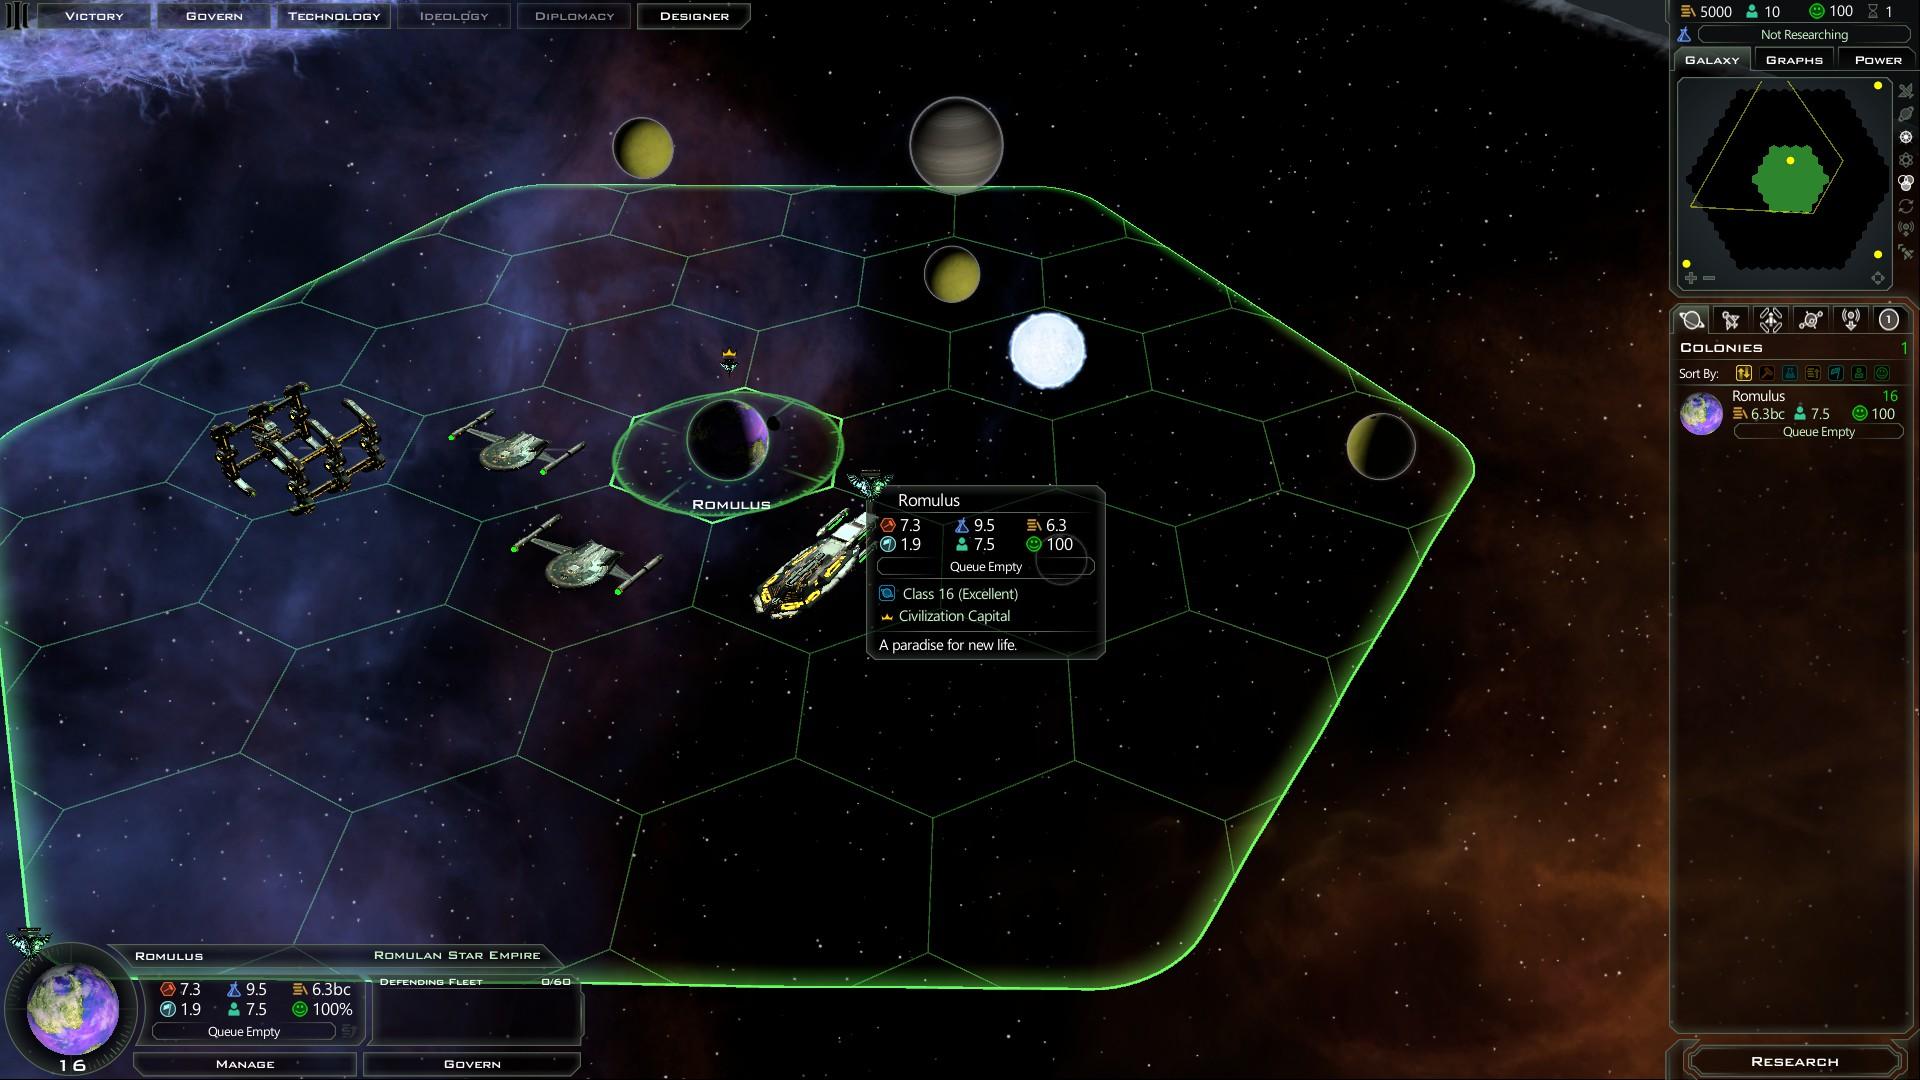 Romulan Start